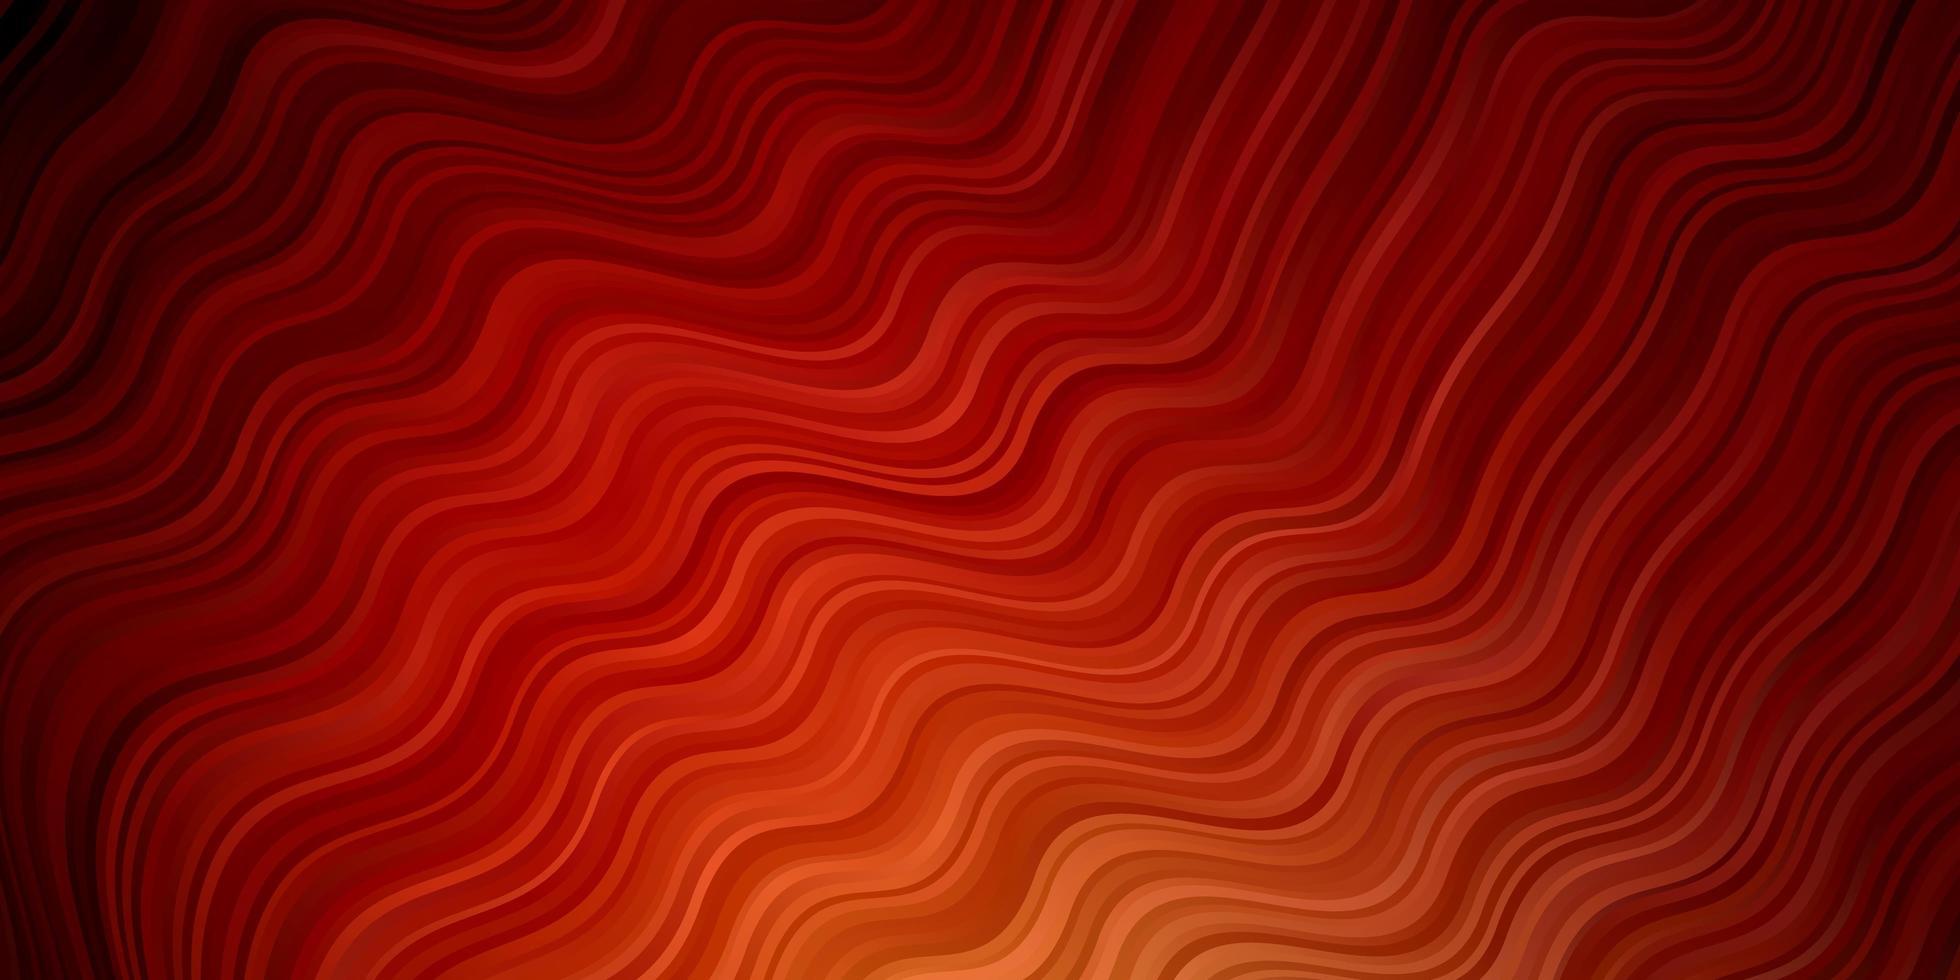 modèle vectoriel rouge foncé avec des lignes ironiques.